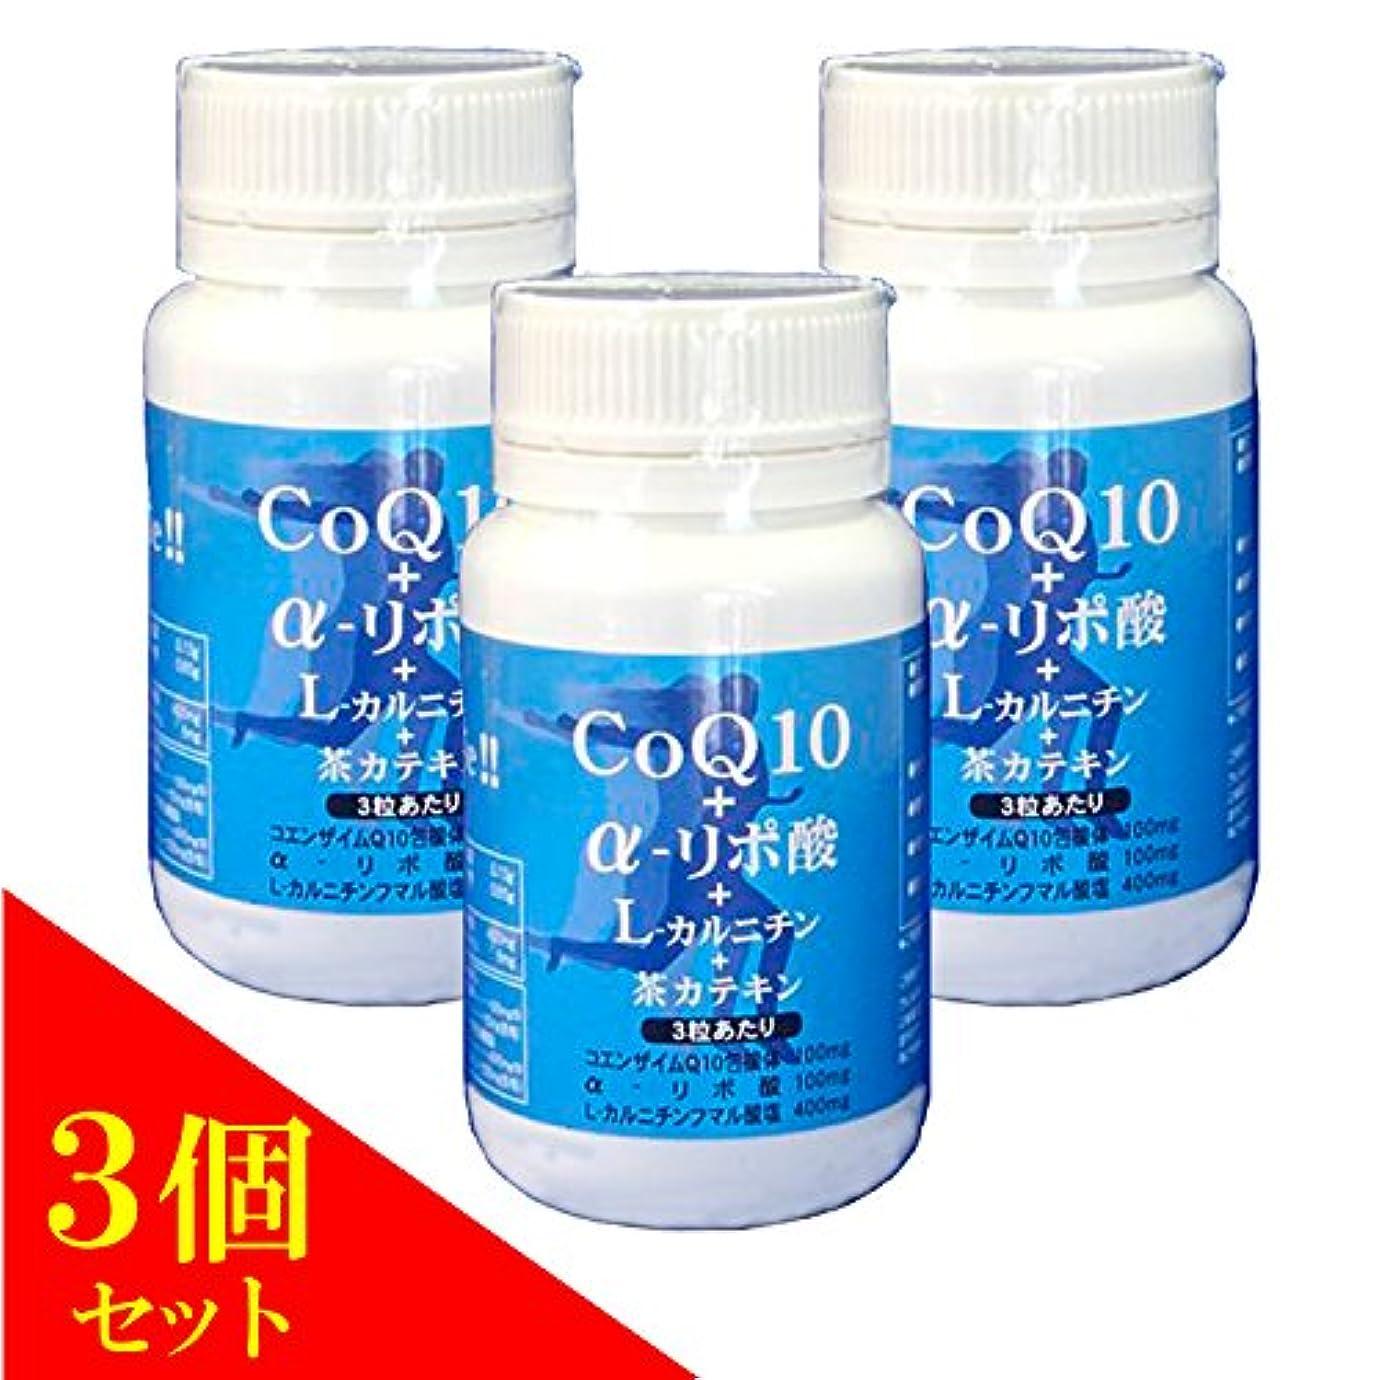 恐れる時系列不潔(3個)マーキュリーCoQ10+αリポ酸+L-カルニチン+茶カテキン 90粒×3個セット(4947041260283